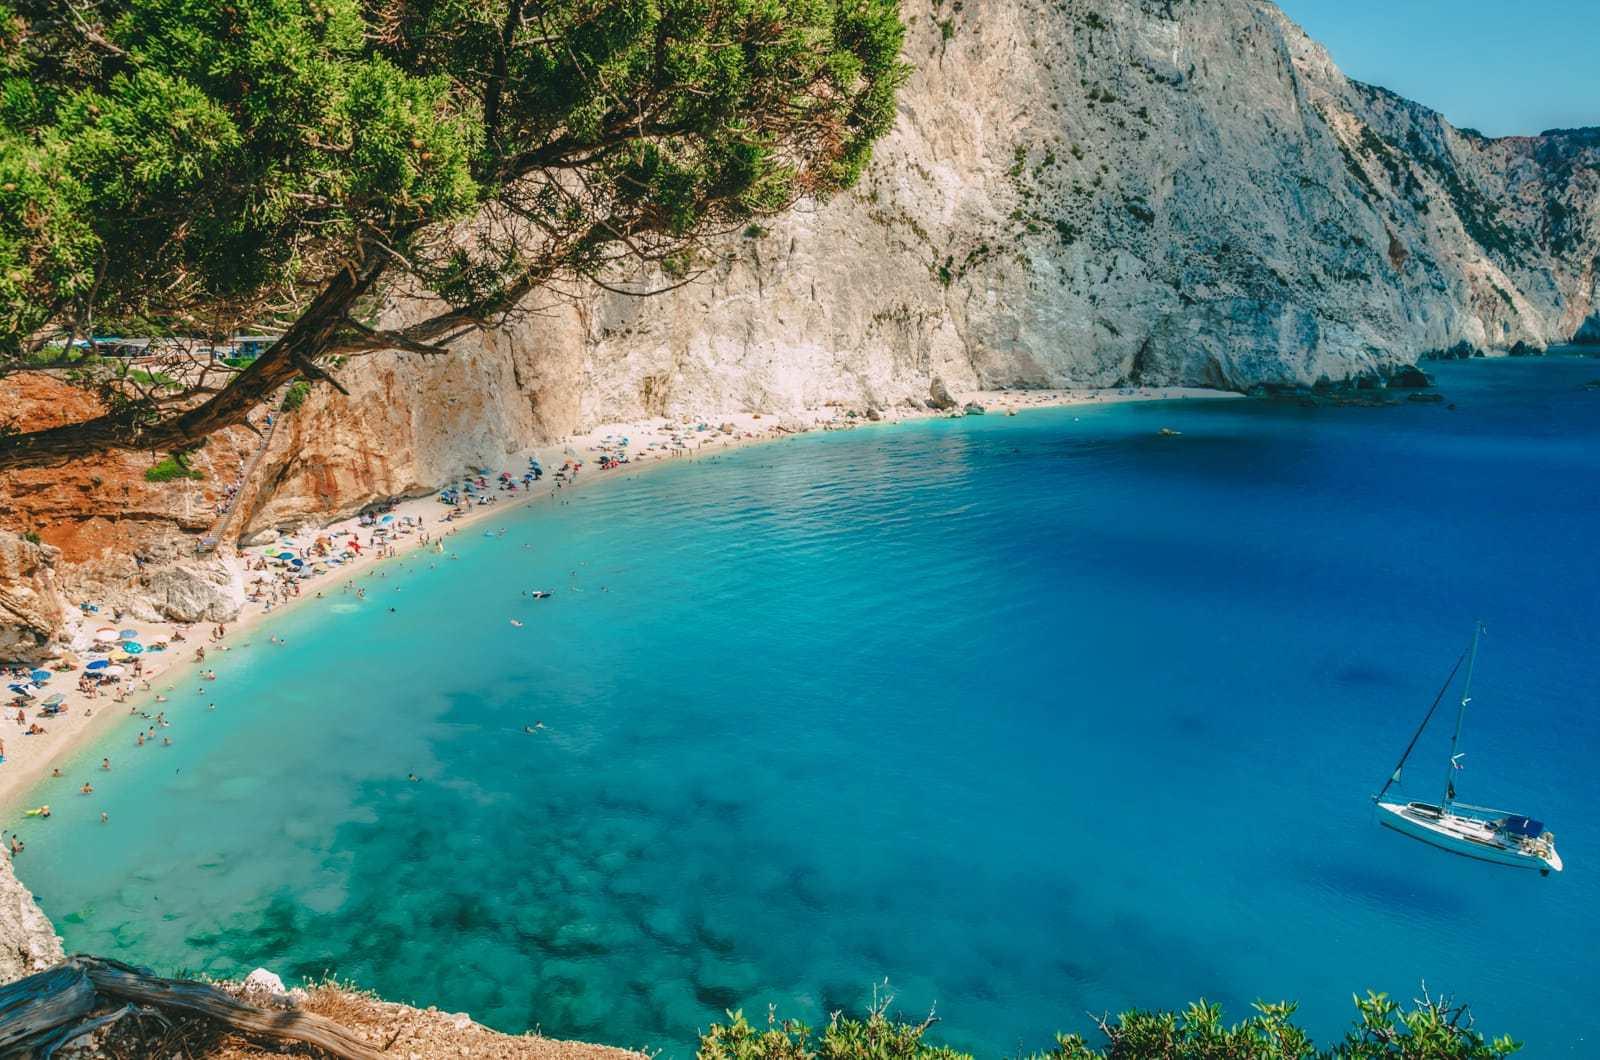 الأماكن السياحية الموصى بزيارتها في اليونان